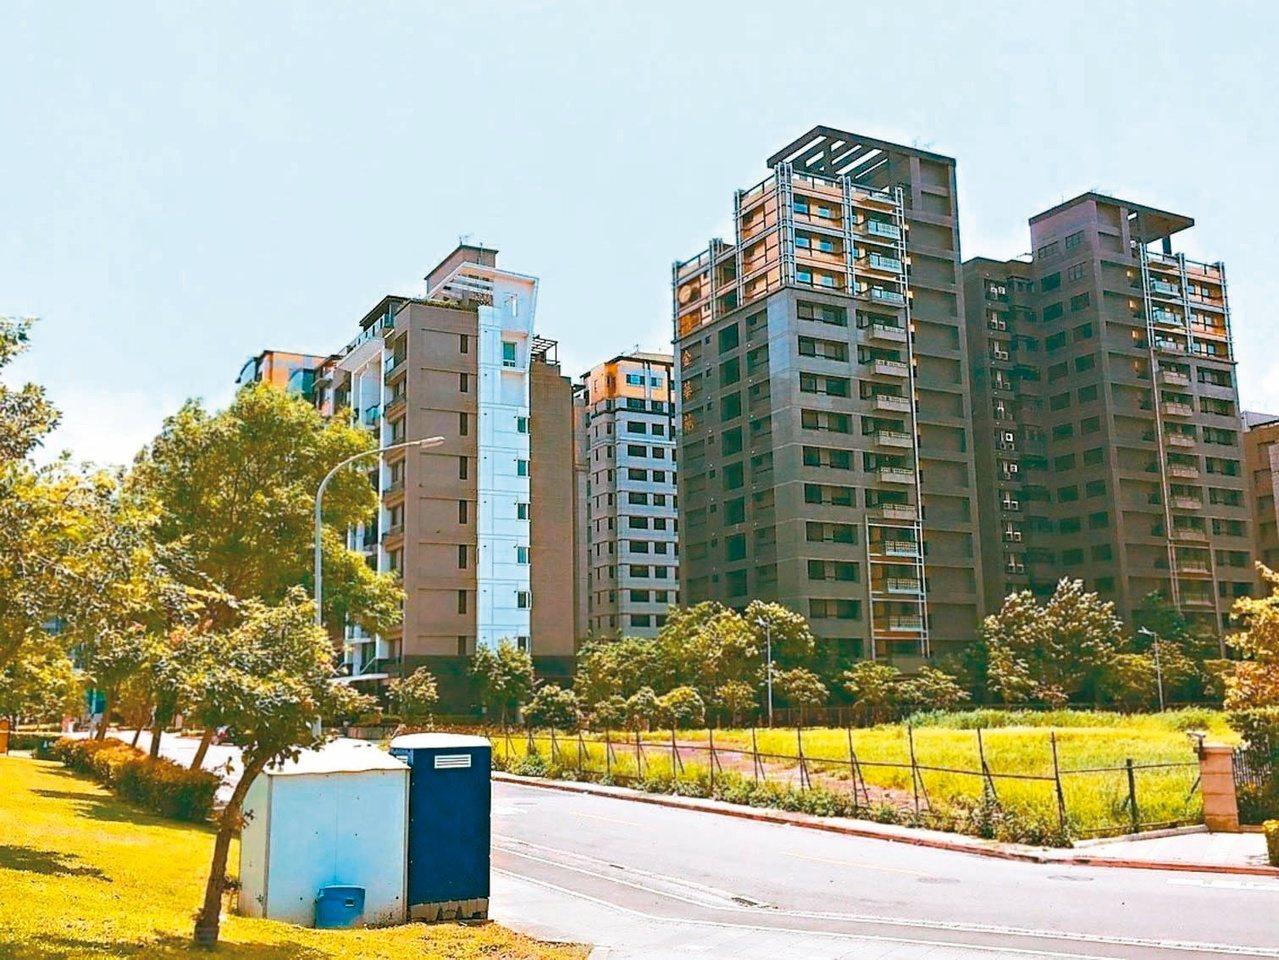 台北市內湖5期重劃區10戶違規住宅未更改稅率,北市開罰。 圖/聯合報系資照片